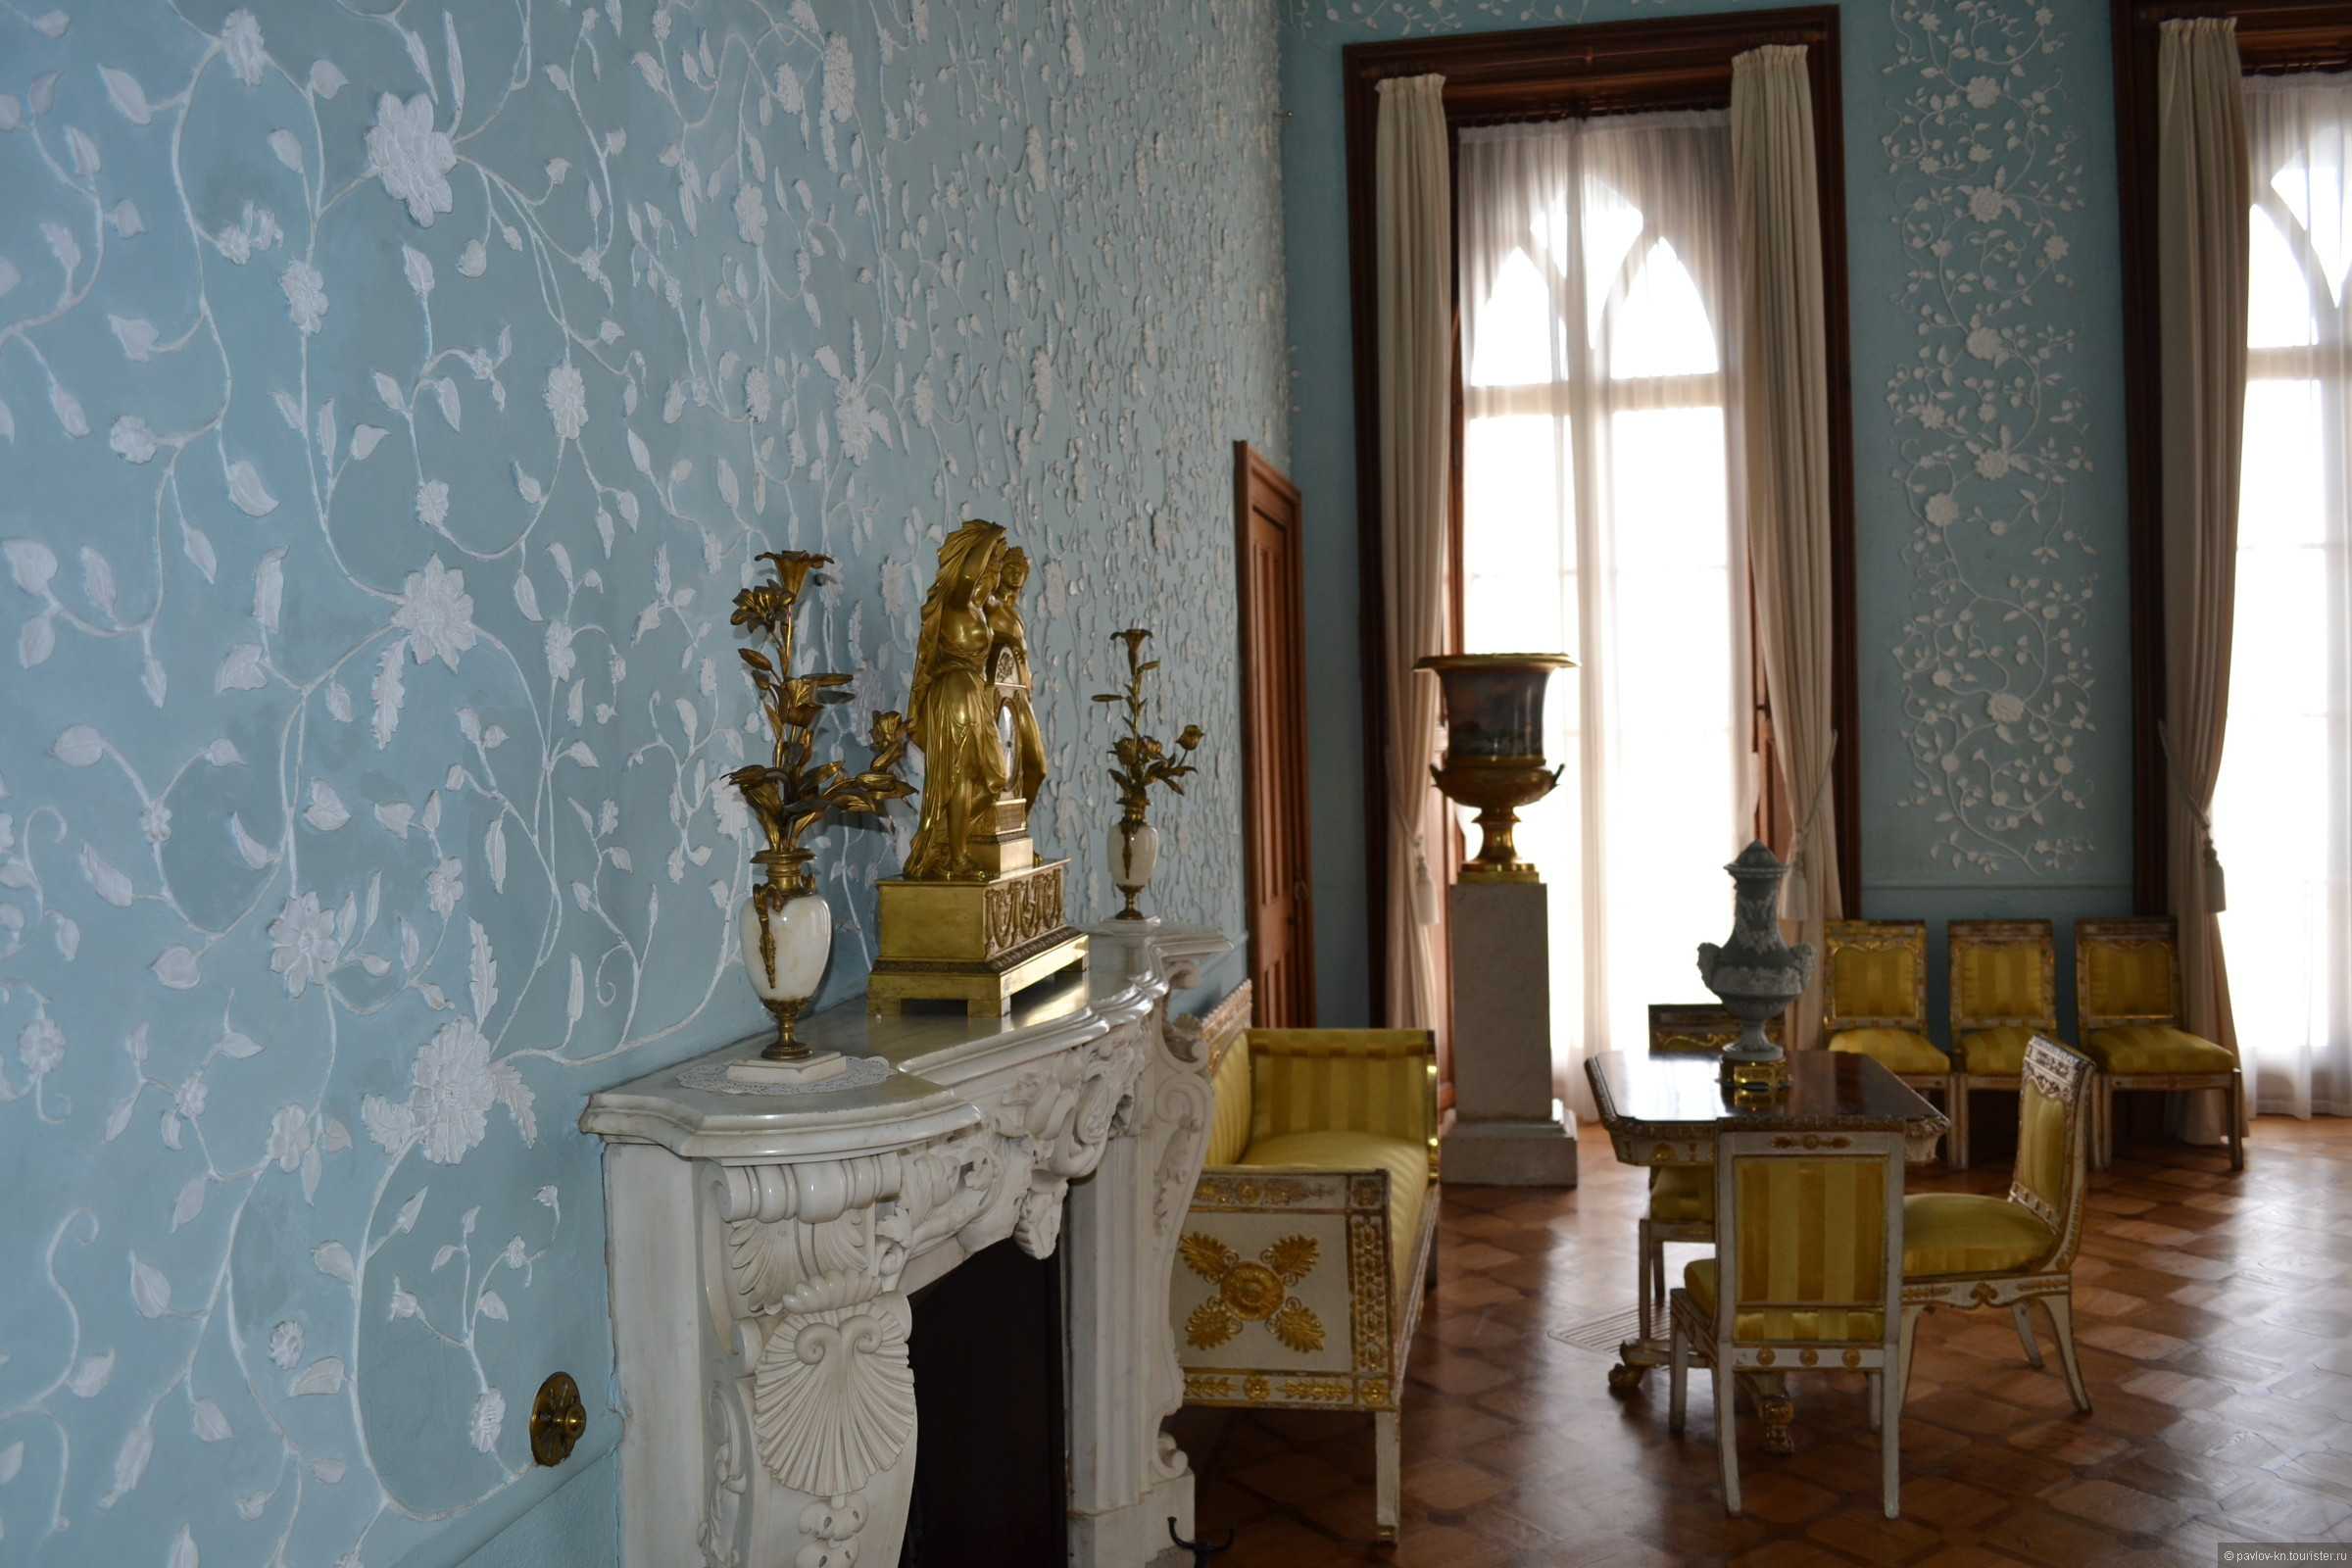 первого взгляда воронцовский дворец голубая комната фото связи, новый